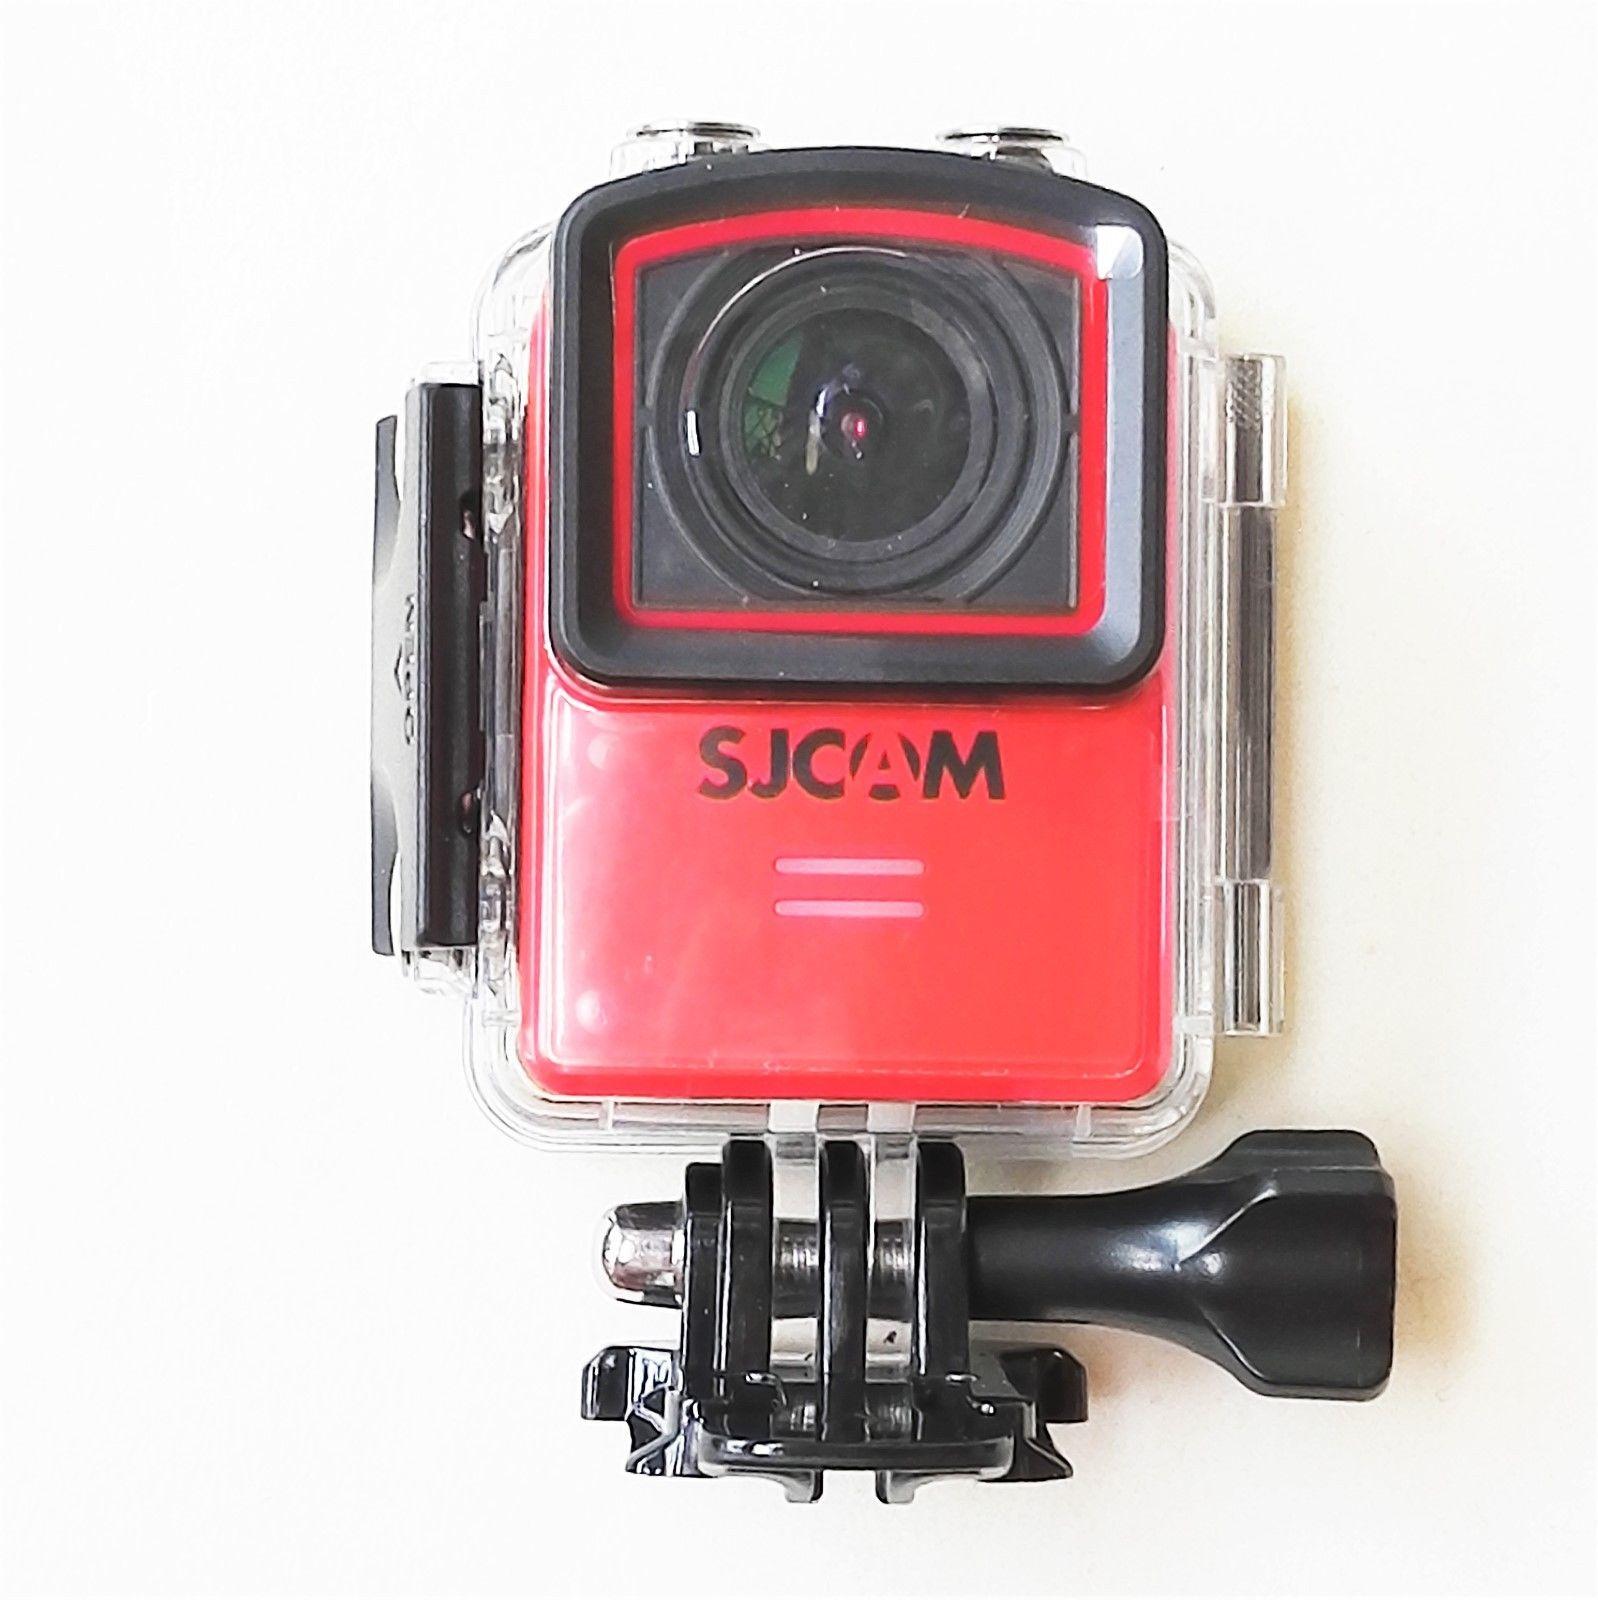 SJCAM M20 ของแท้ 100% ราคาพิเศษ